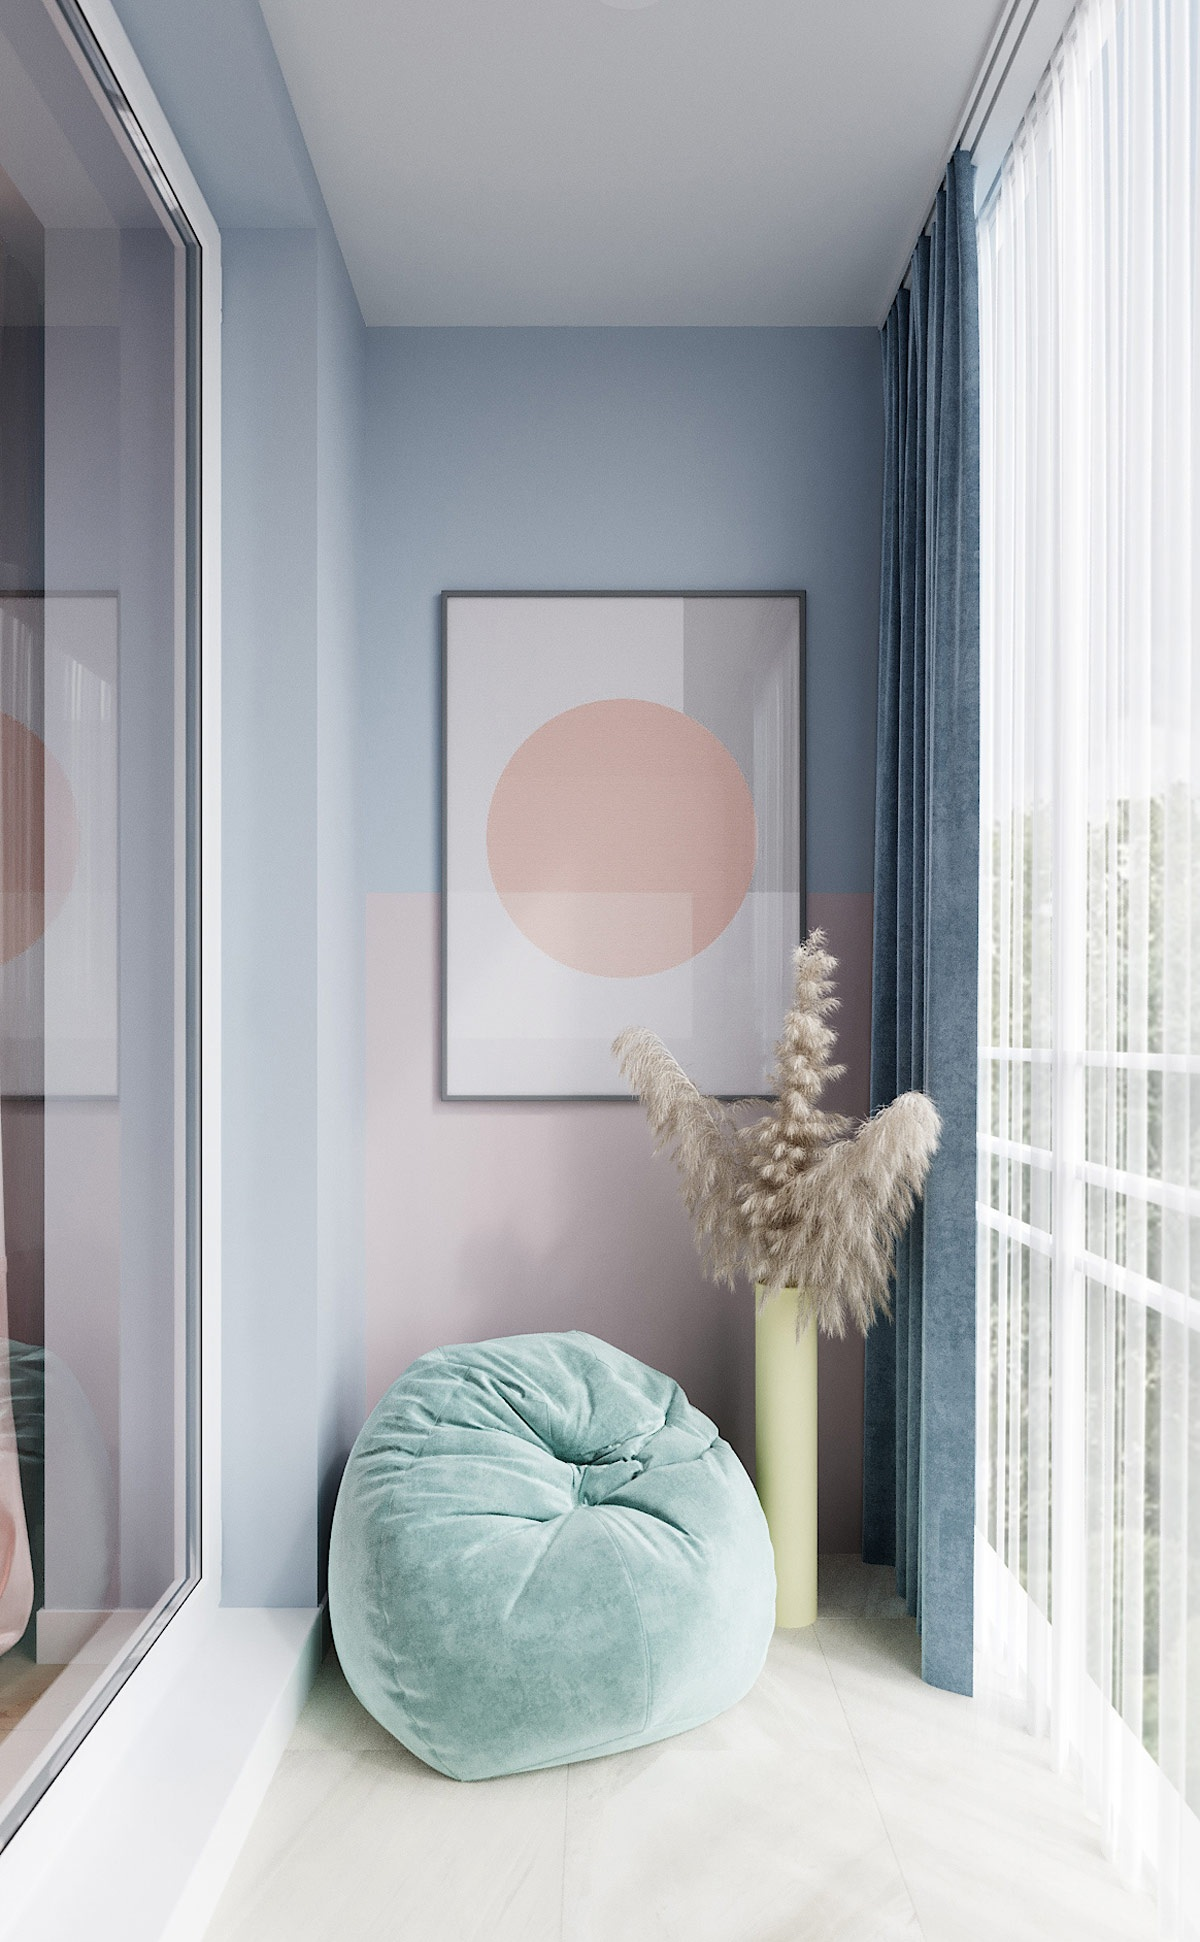 Nội thất màu pastel tạo không gian vui vẻ, ngọt ngào